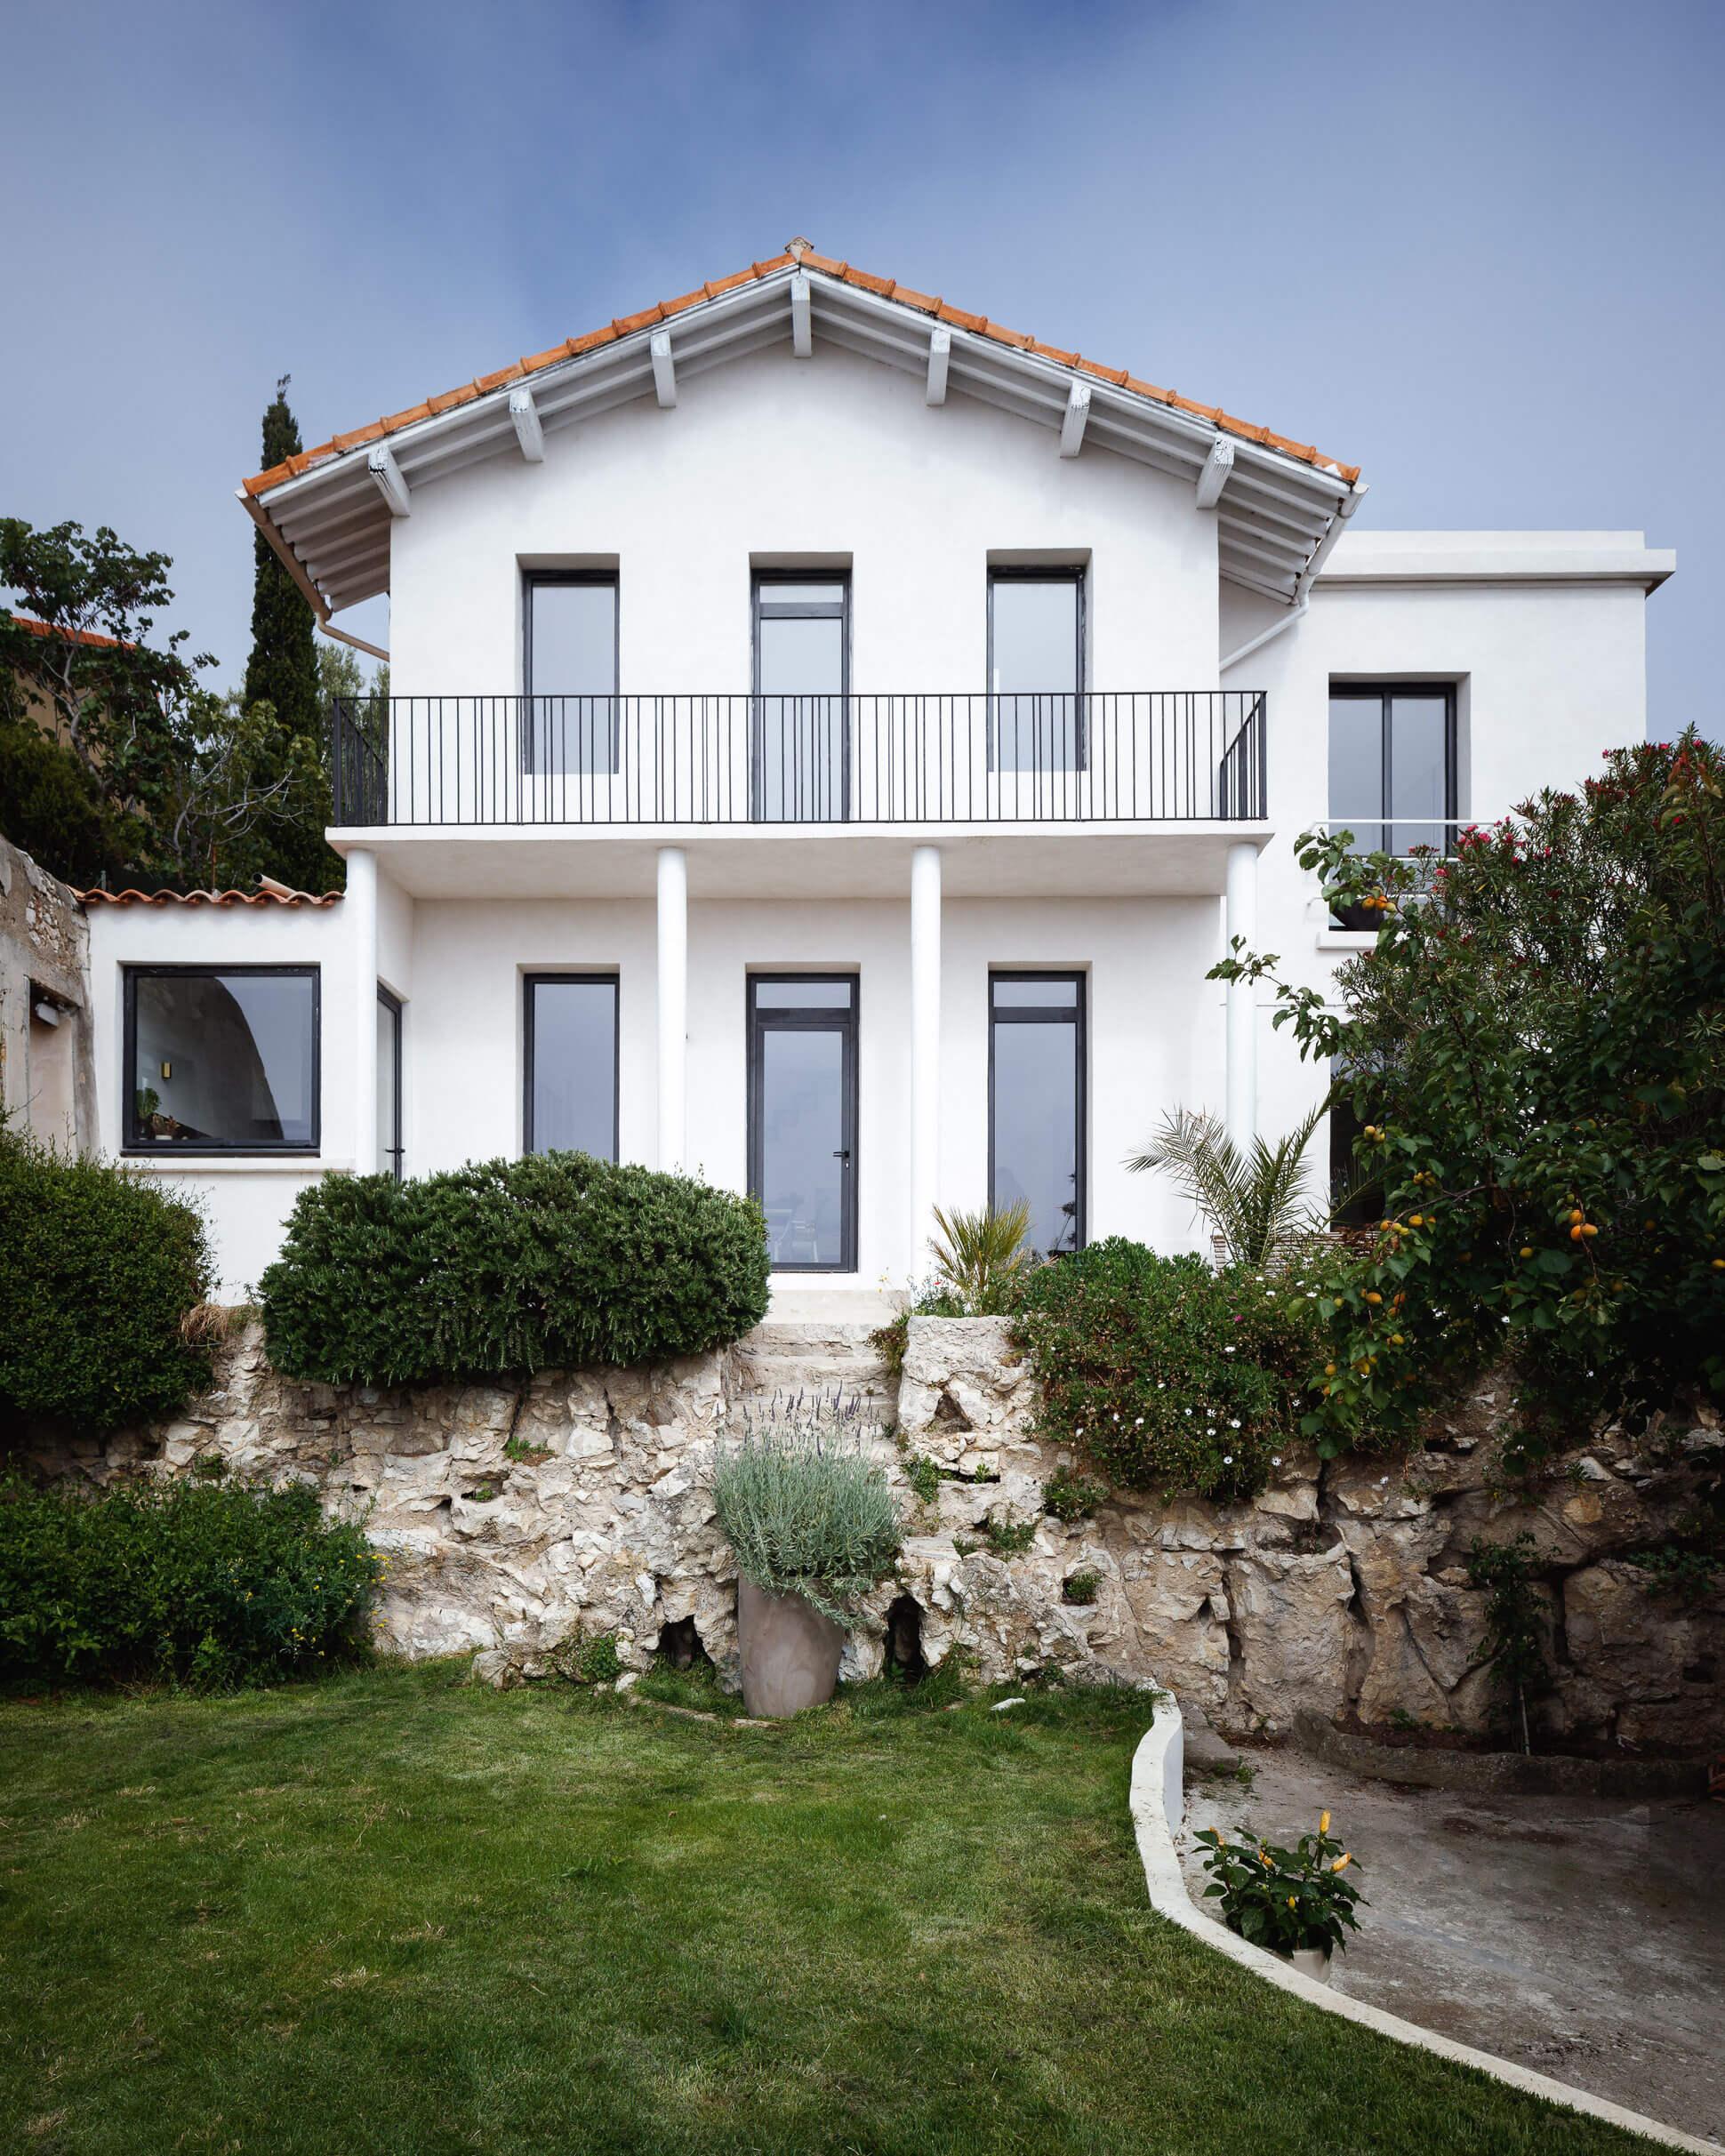 Renovation Fenetre Maison Ancienne rénovation de maison avec un architecte: guide, conseils, prix